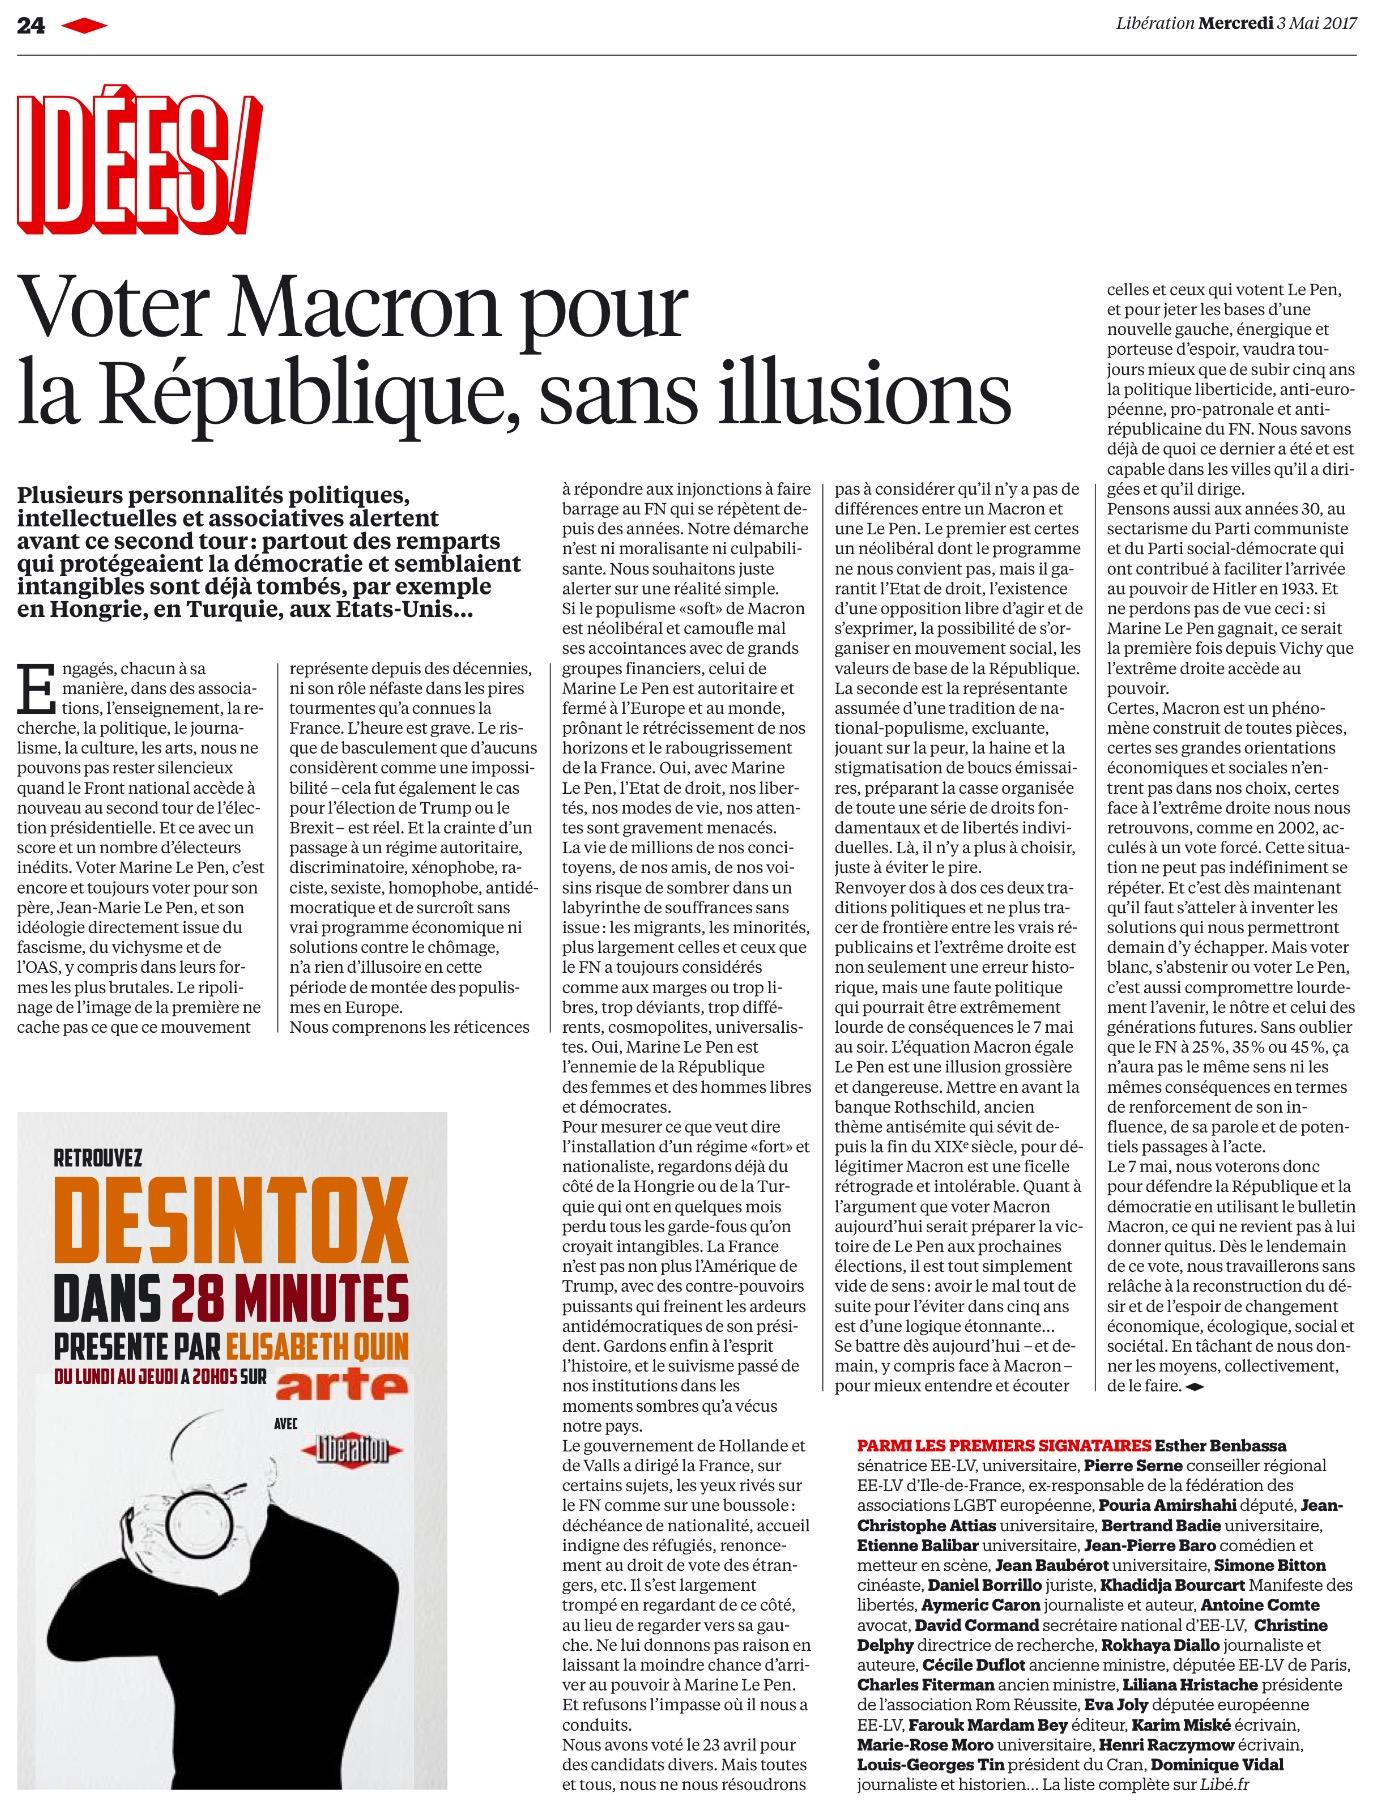 Voter Macron